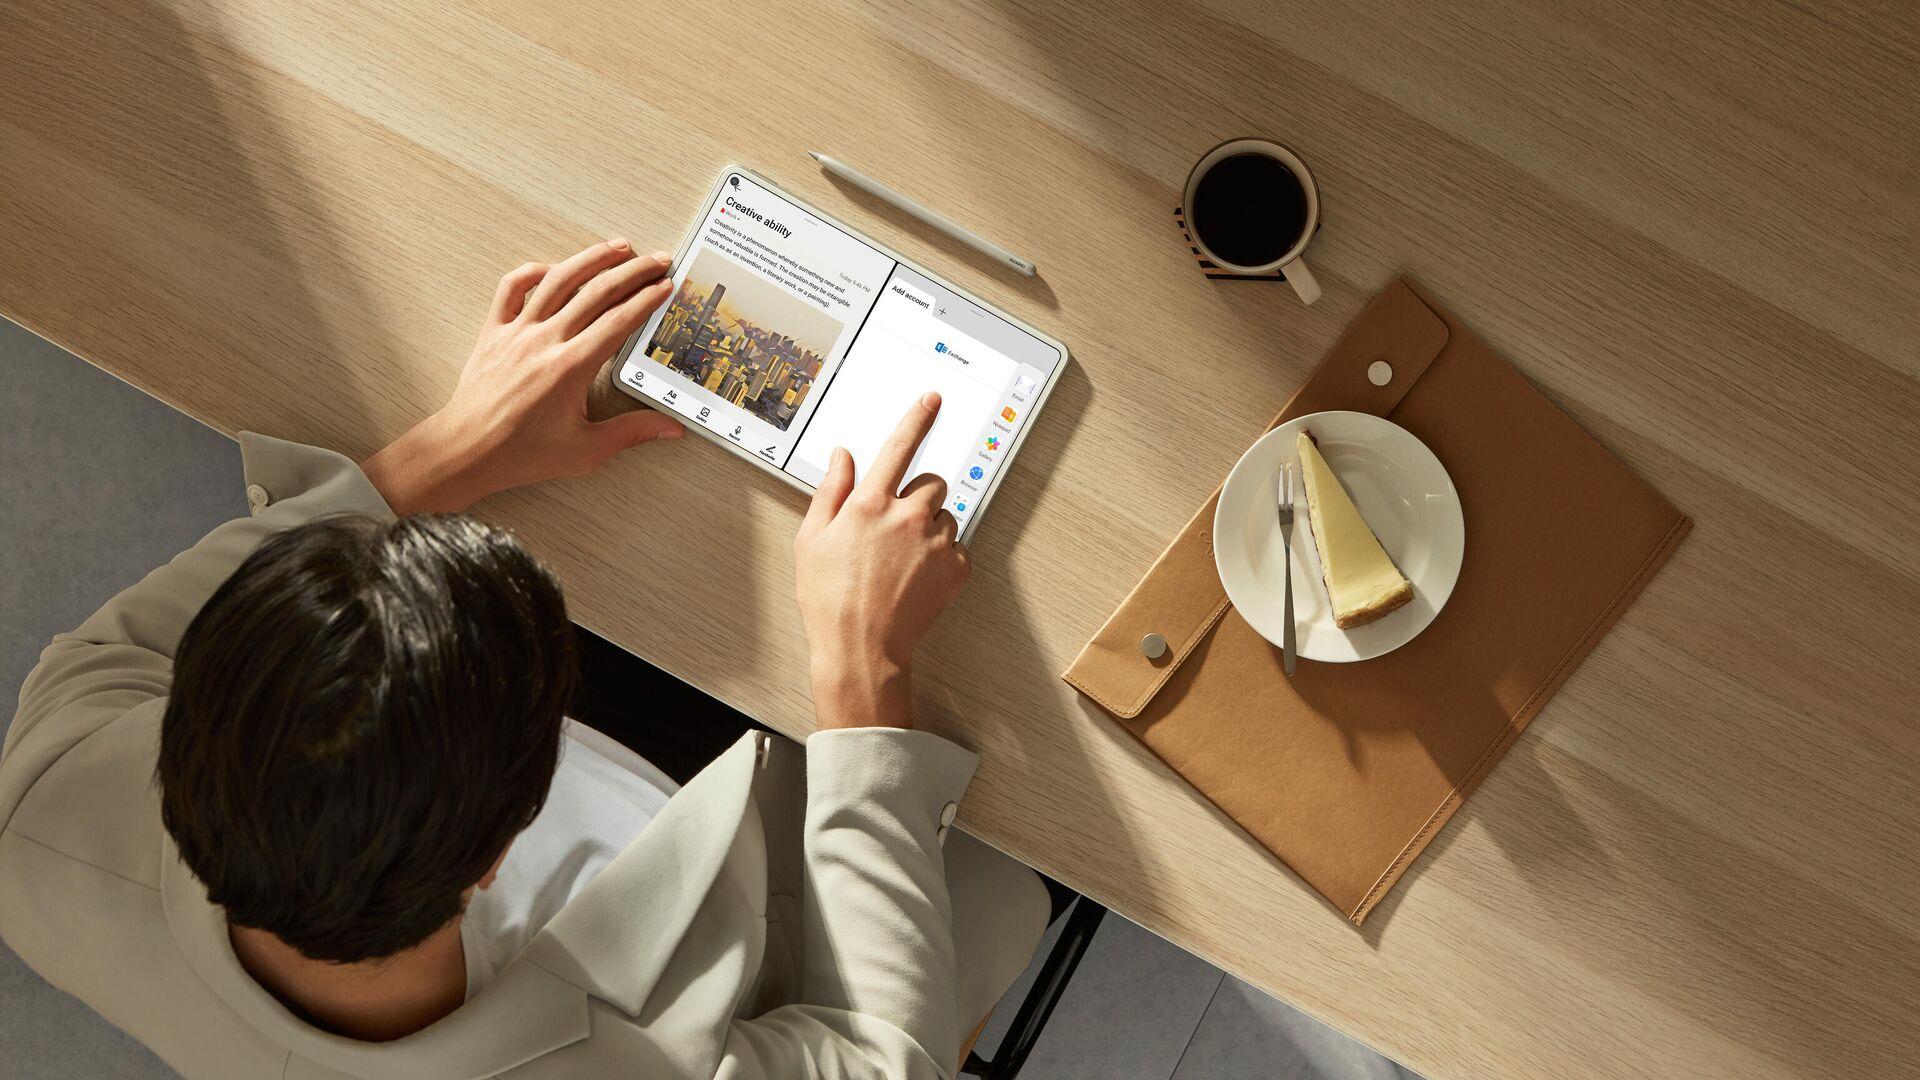 Дизайн Huawei P50 раскрыт до выхода смартфона